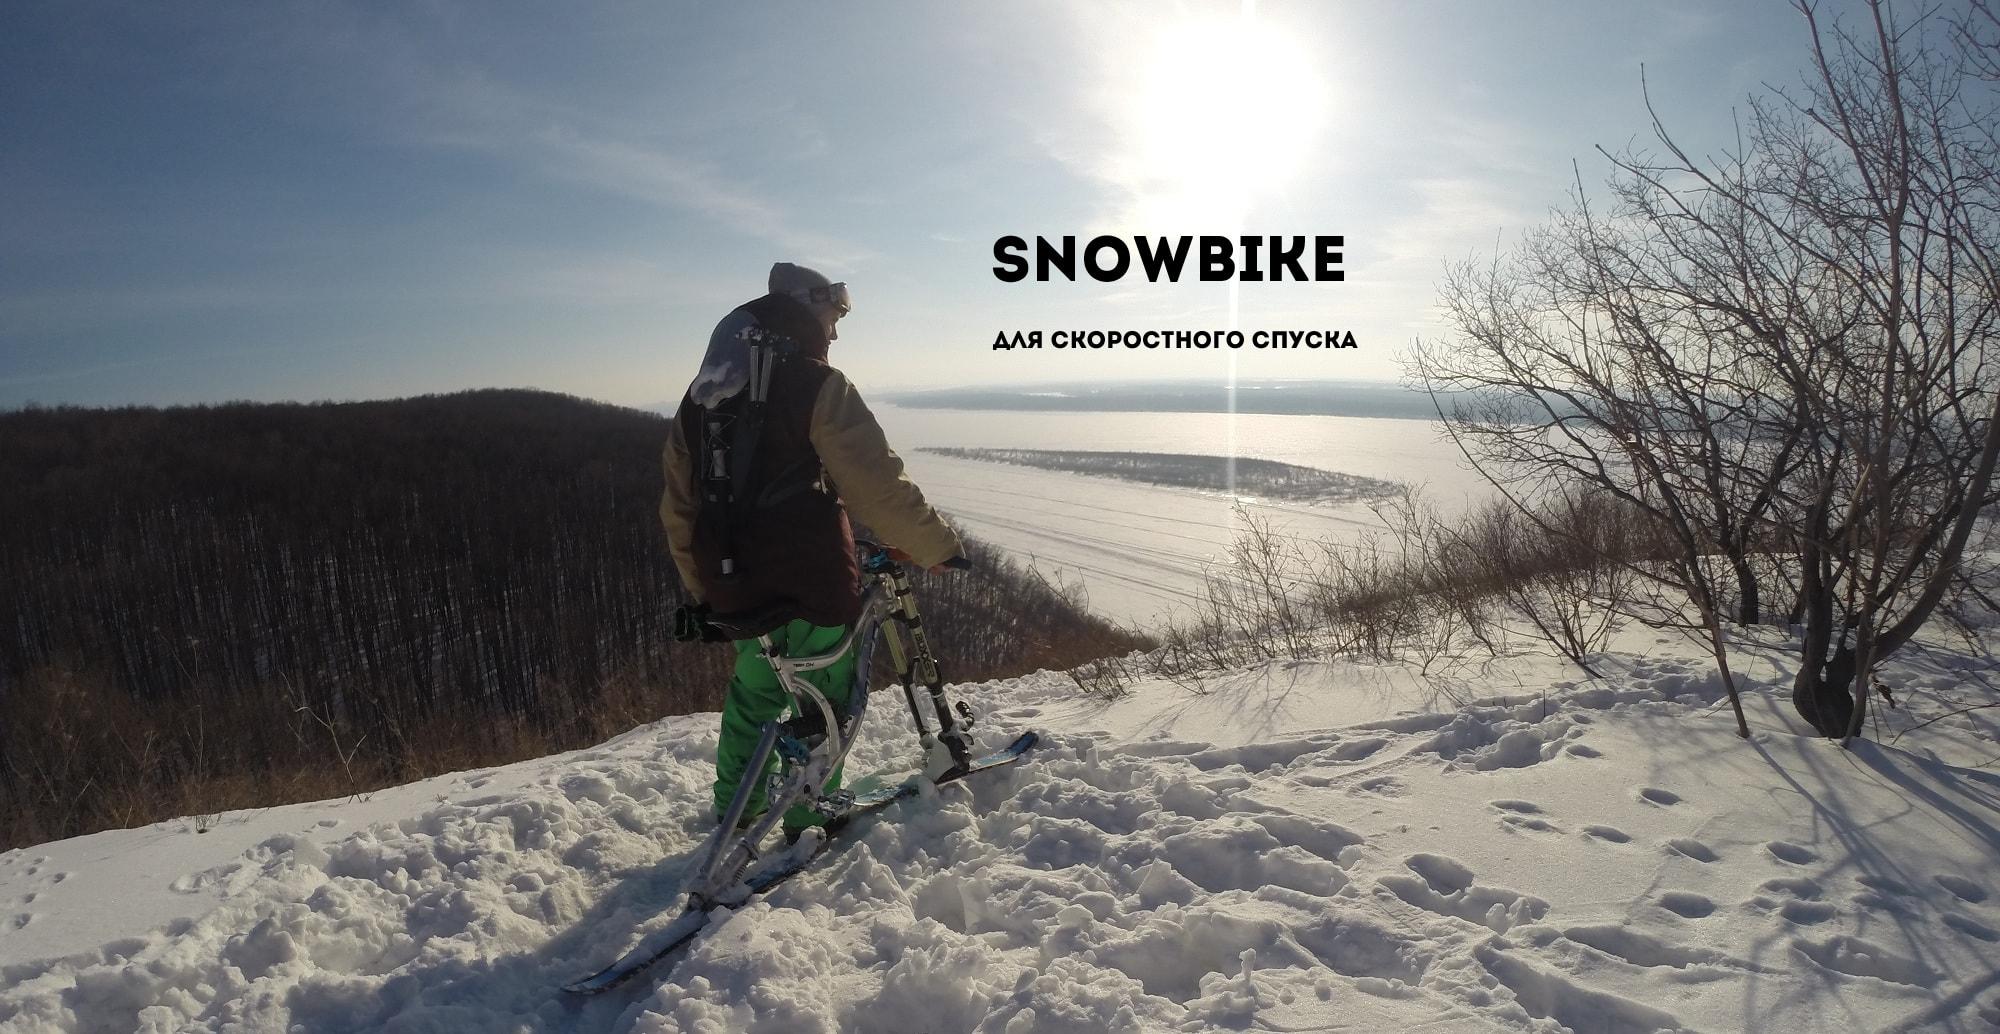 Snowbike_4